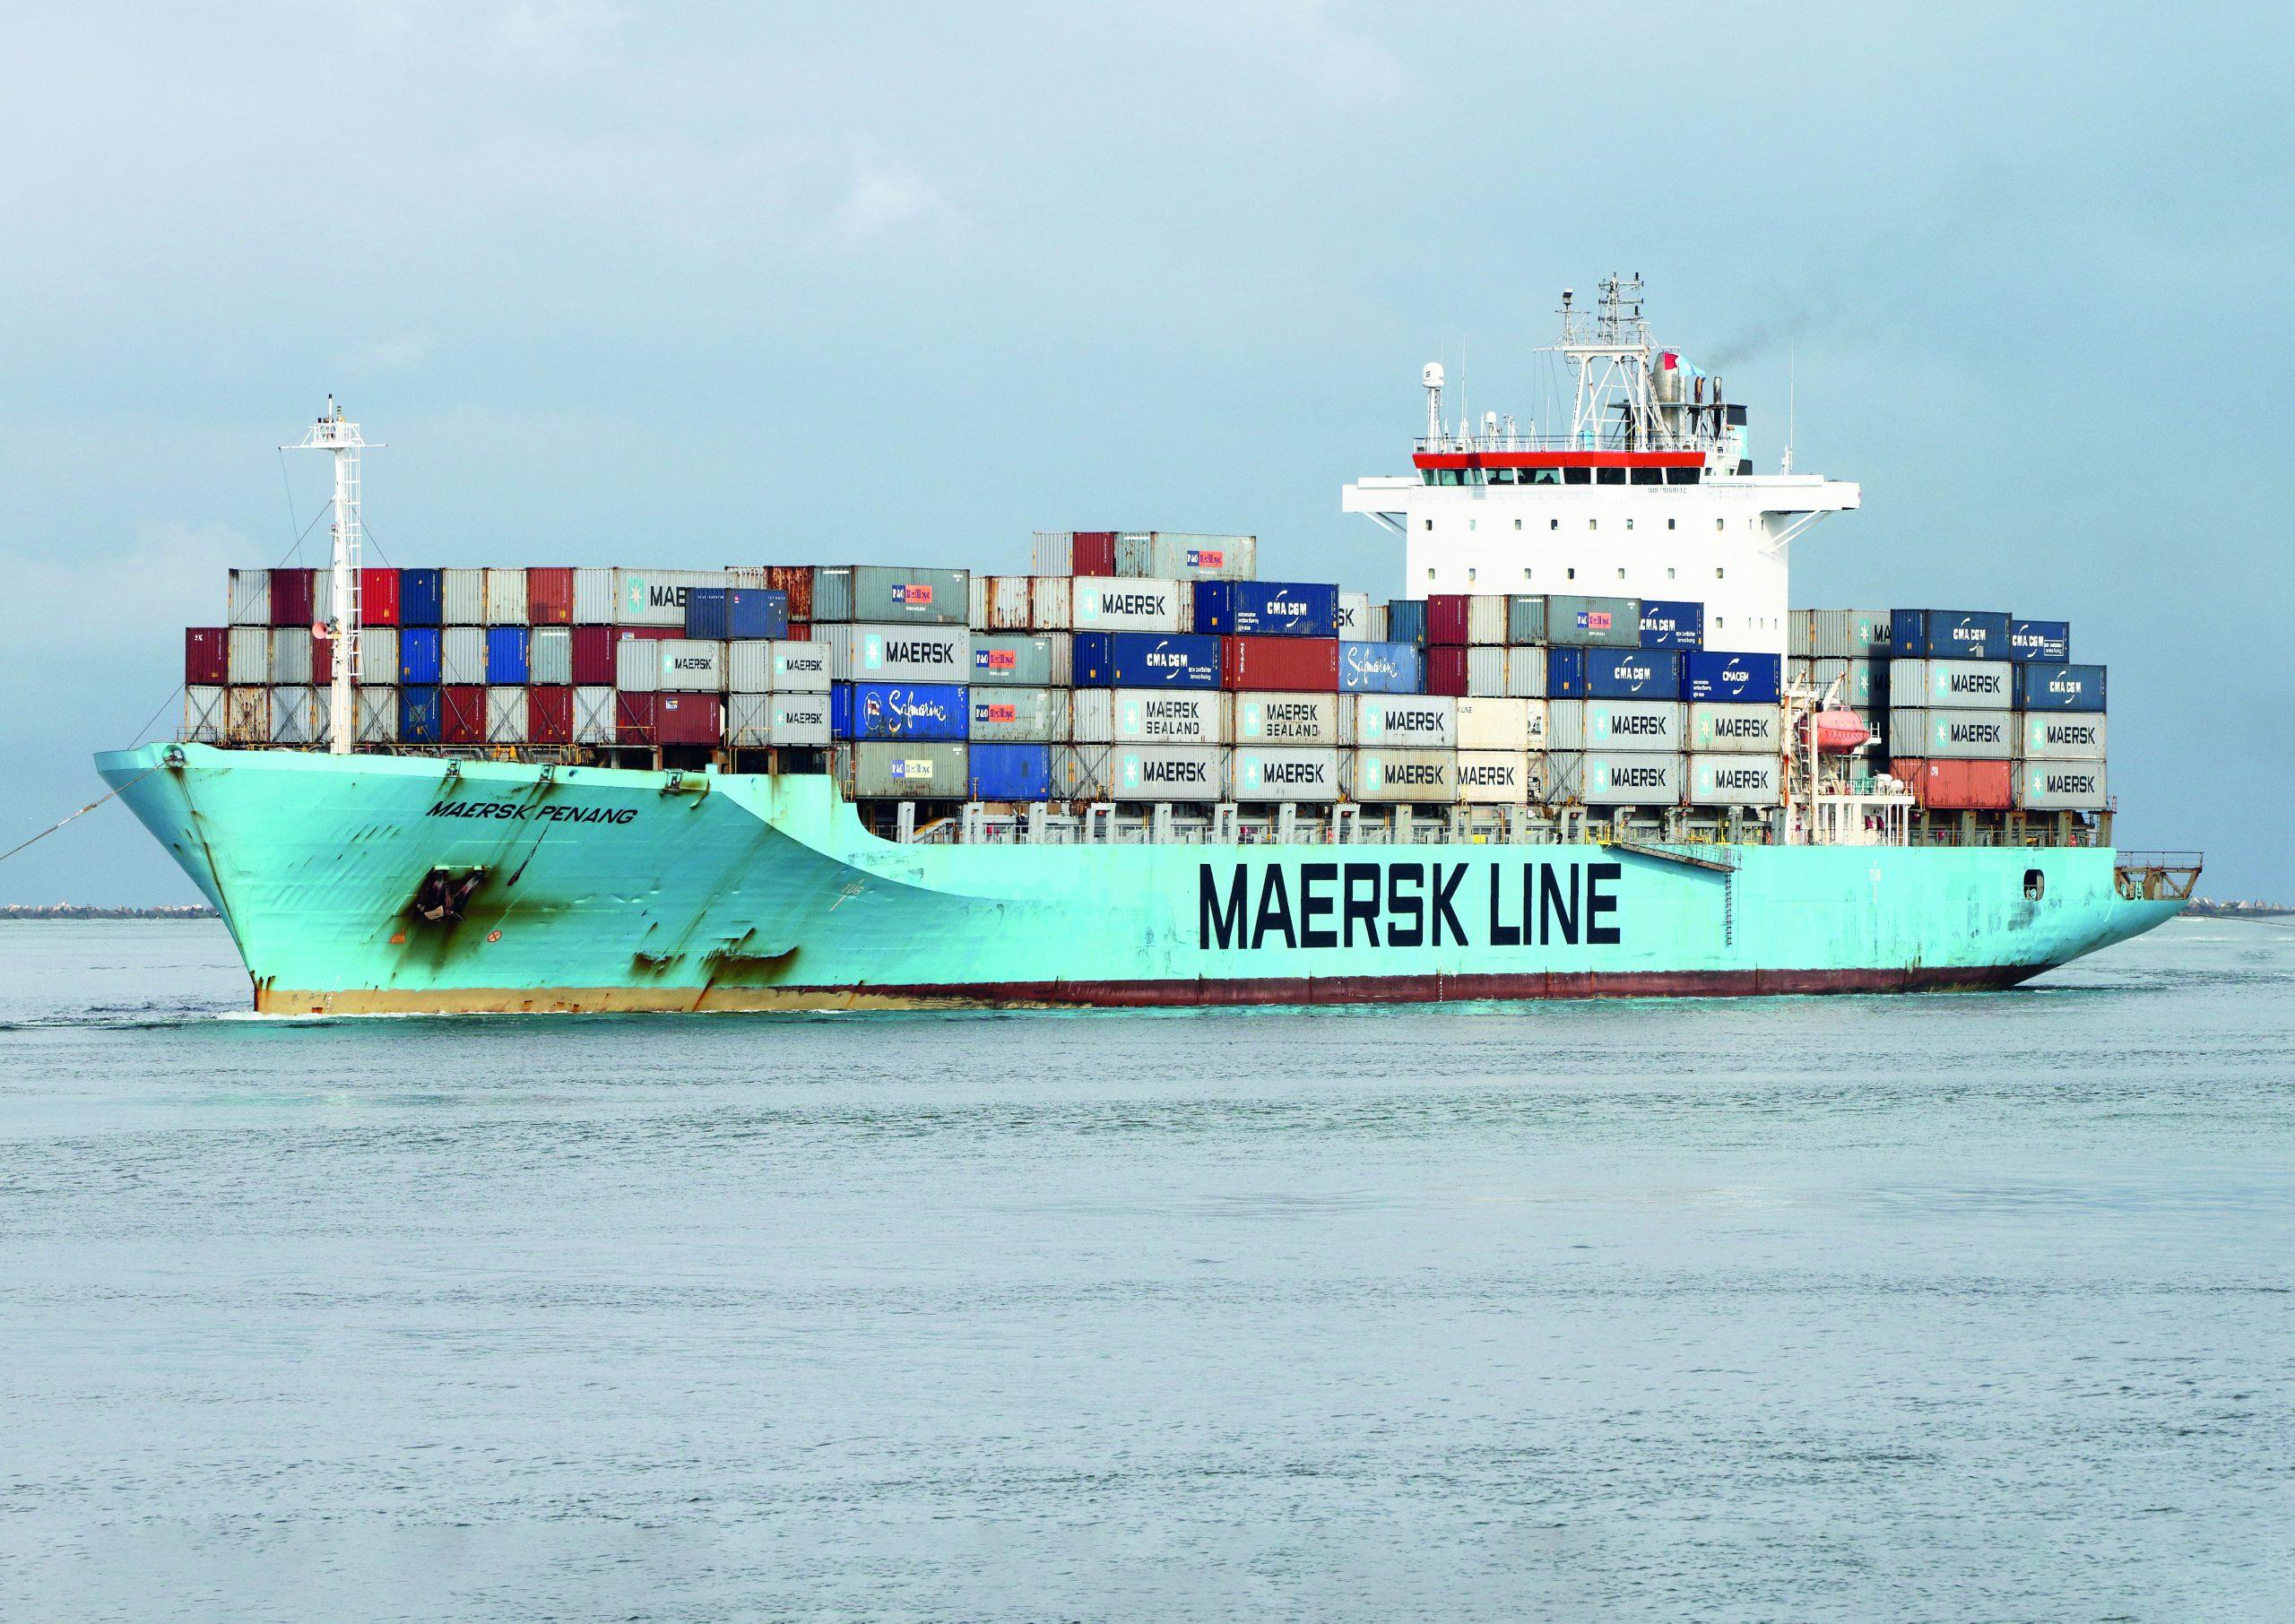 De Maersk Penang behoorde ooit tot de vloot van P&O Nedlloyd en is eind vorig jaar met vier andere schepen uitgevlagd naar Liberia. Foto: Maersk